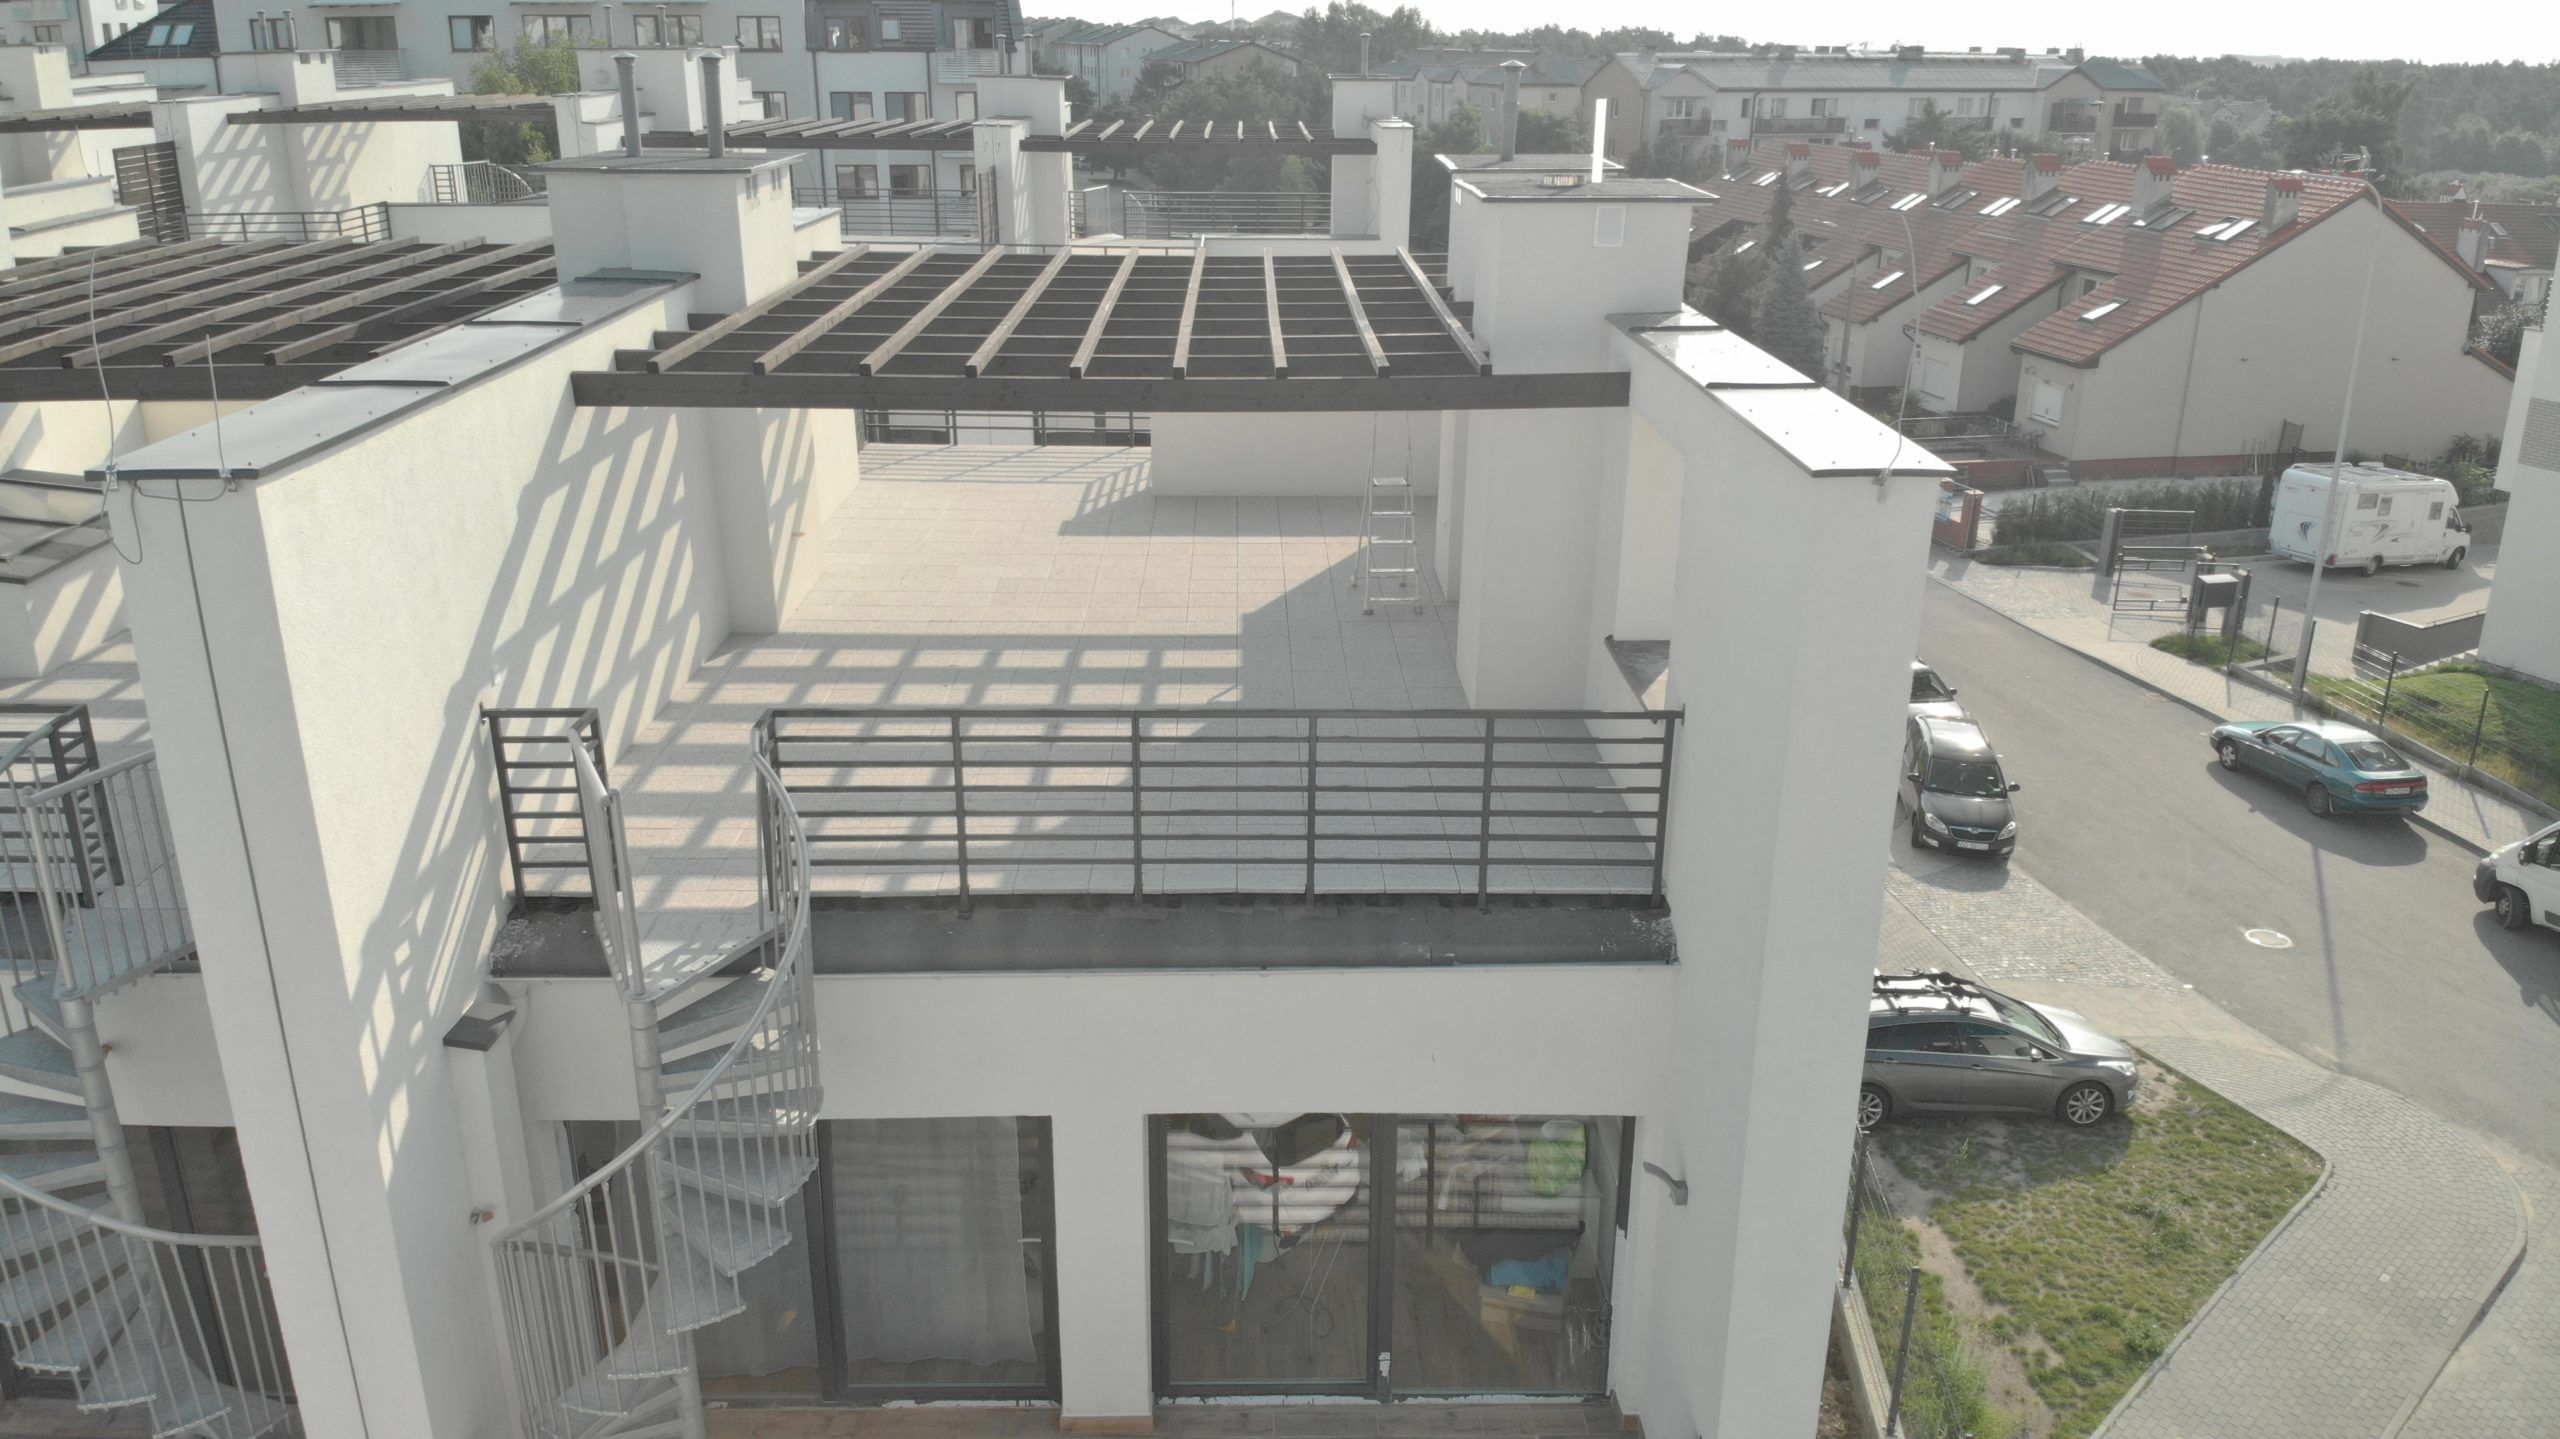 Terraza con tejas cerámicas en la azotea del edificio.